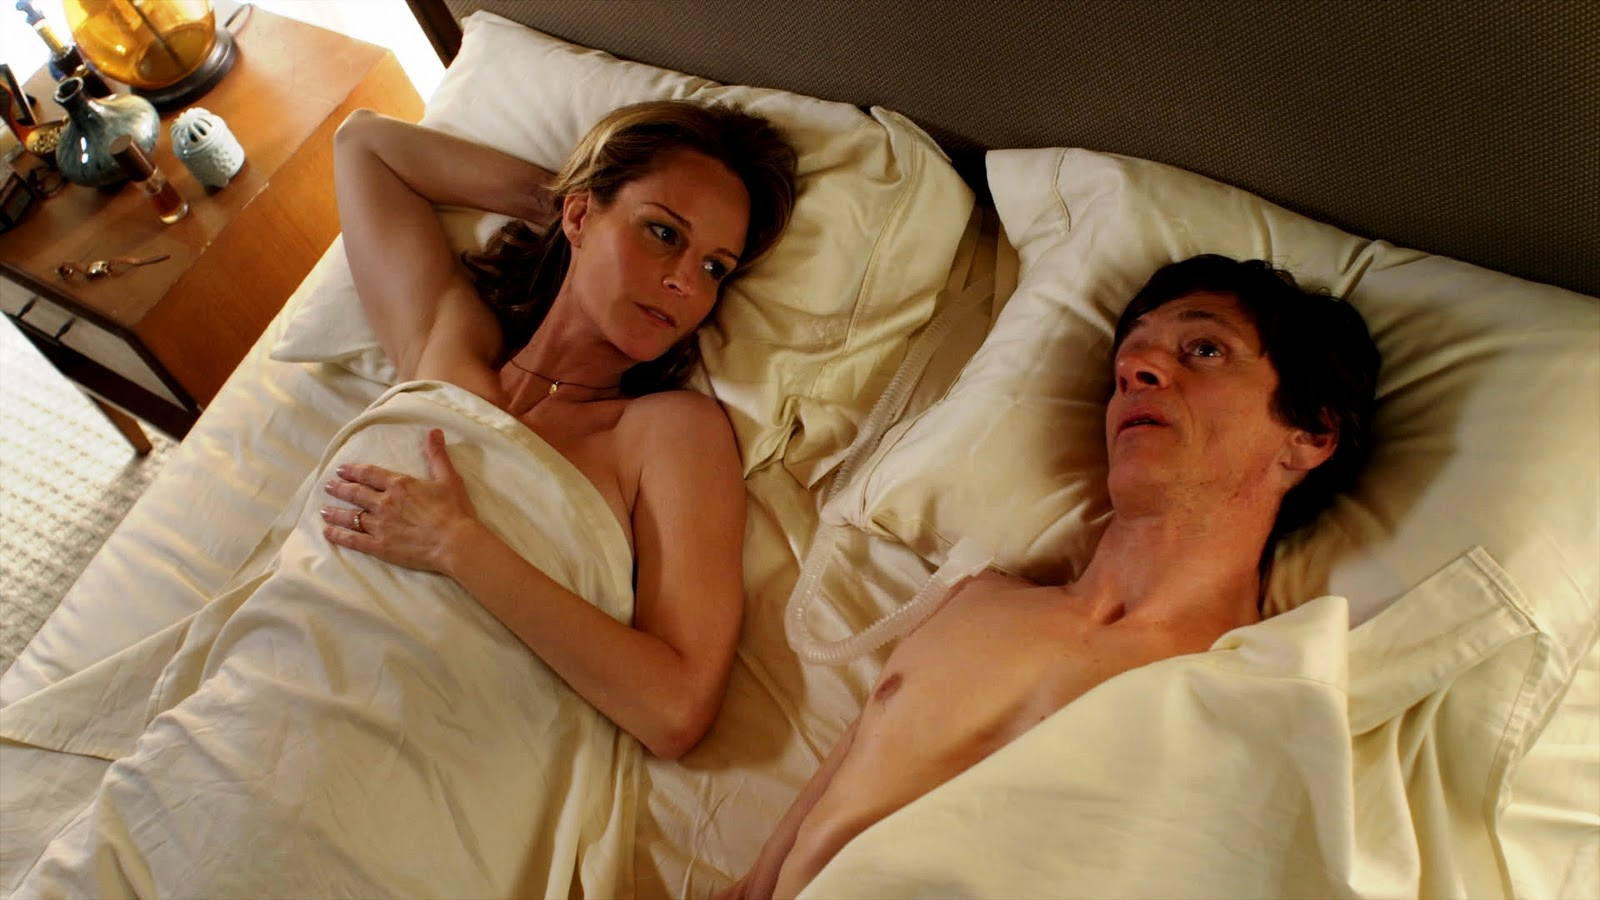 хотелось смотреть эротику фильмы арт хаус проснулся